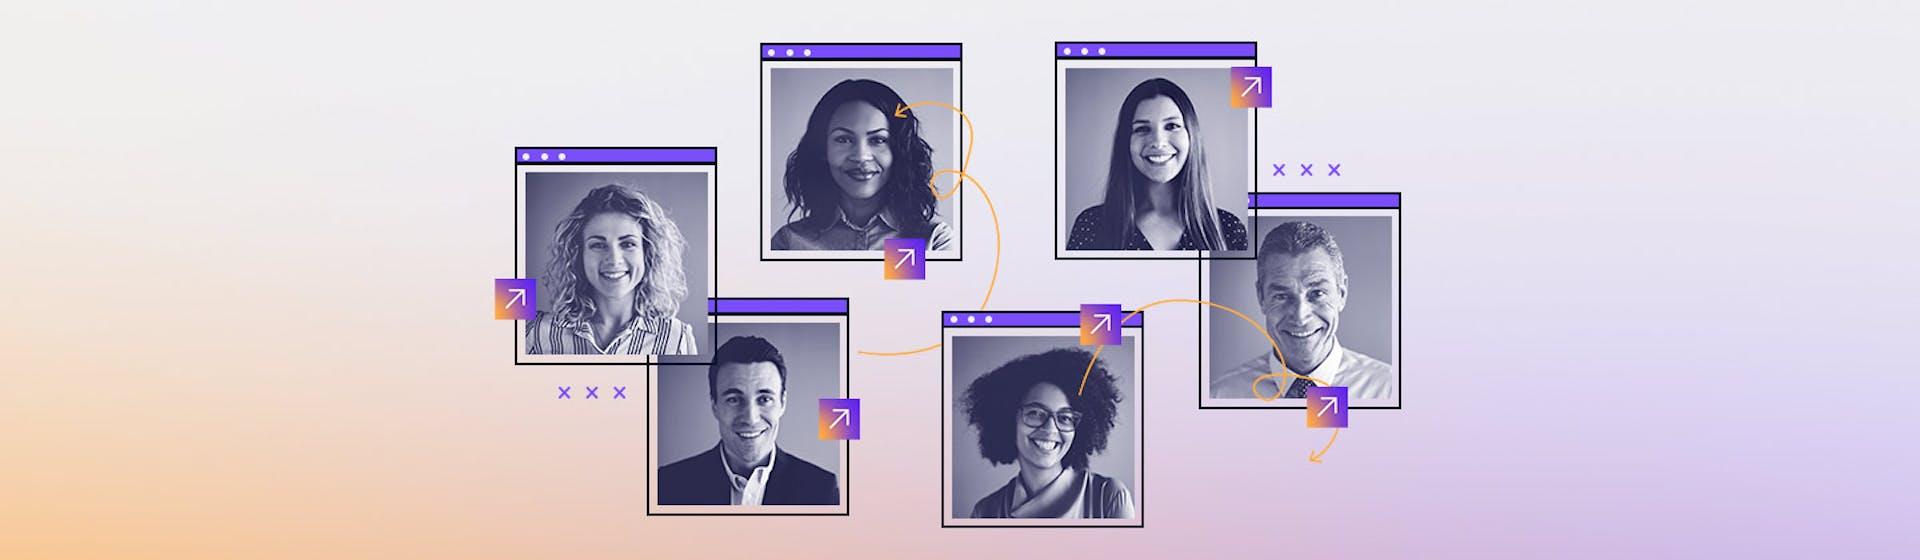 ¿Cómo medir el trabajo en equipo? Crea tu dream team laboral